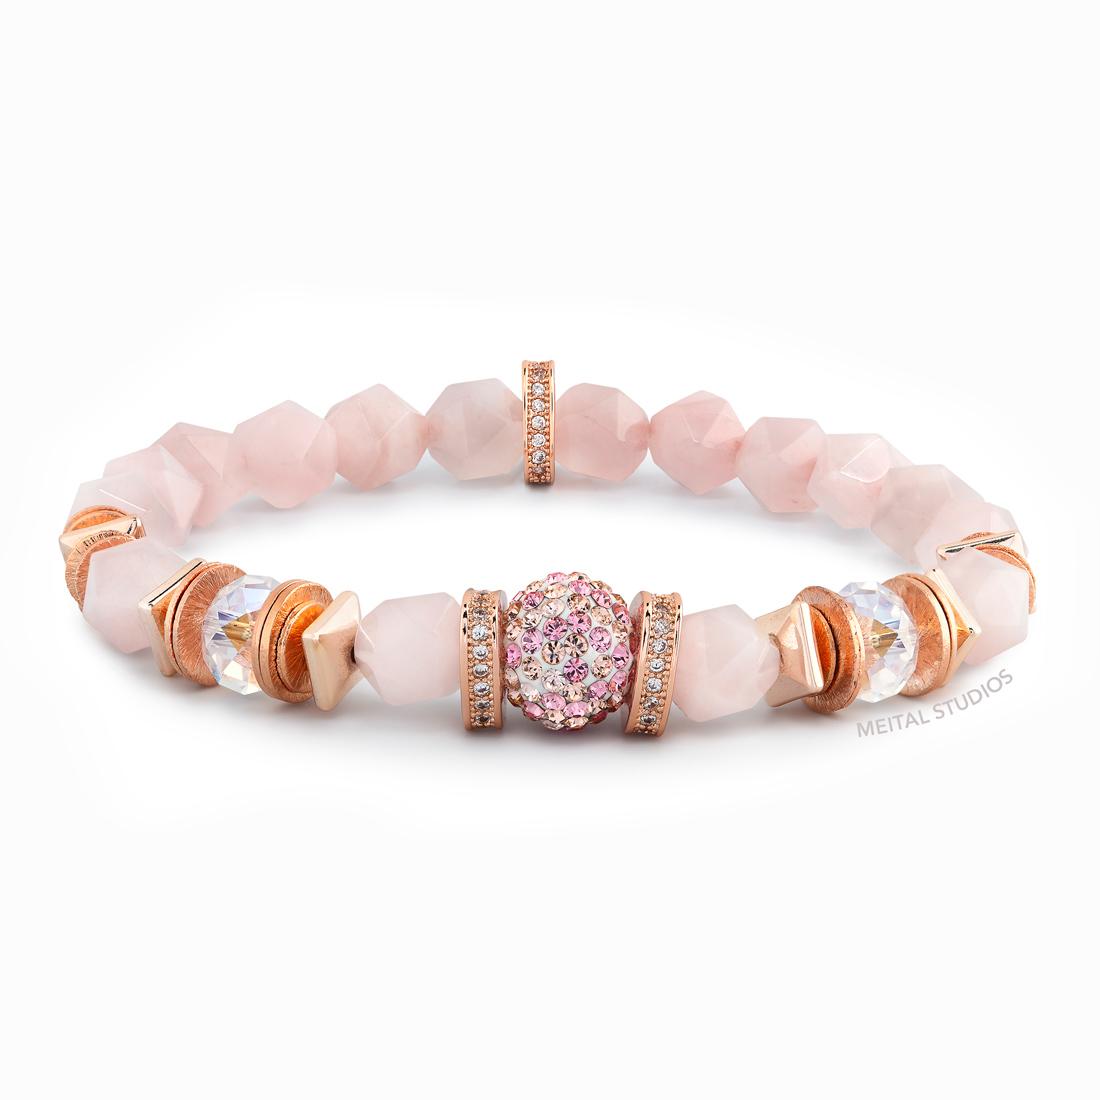 Bracelet Photography Blush